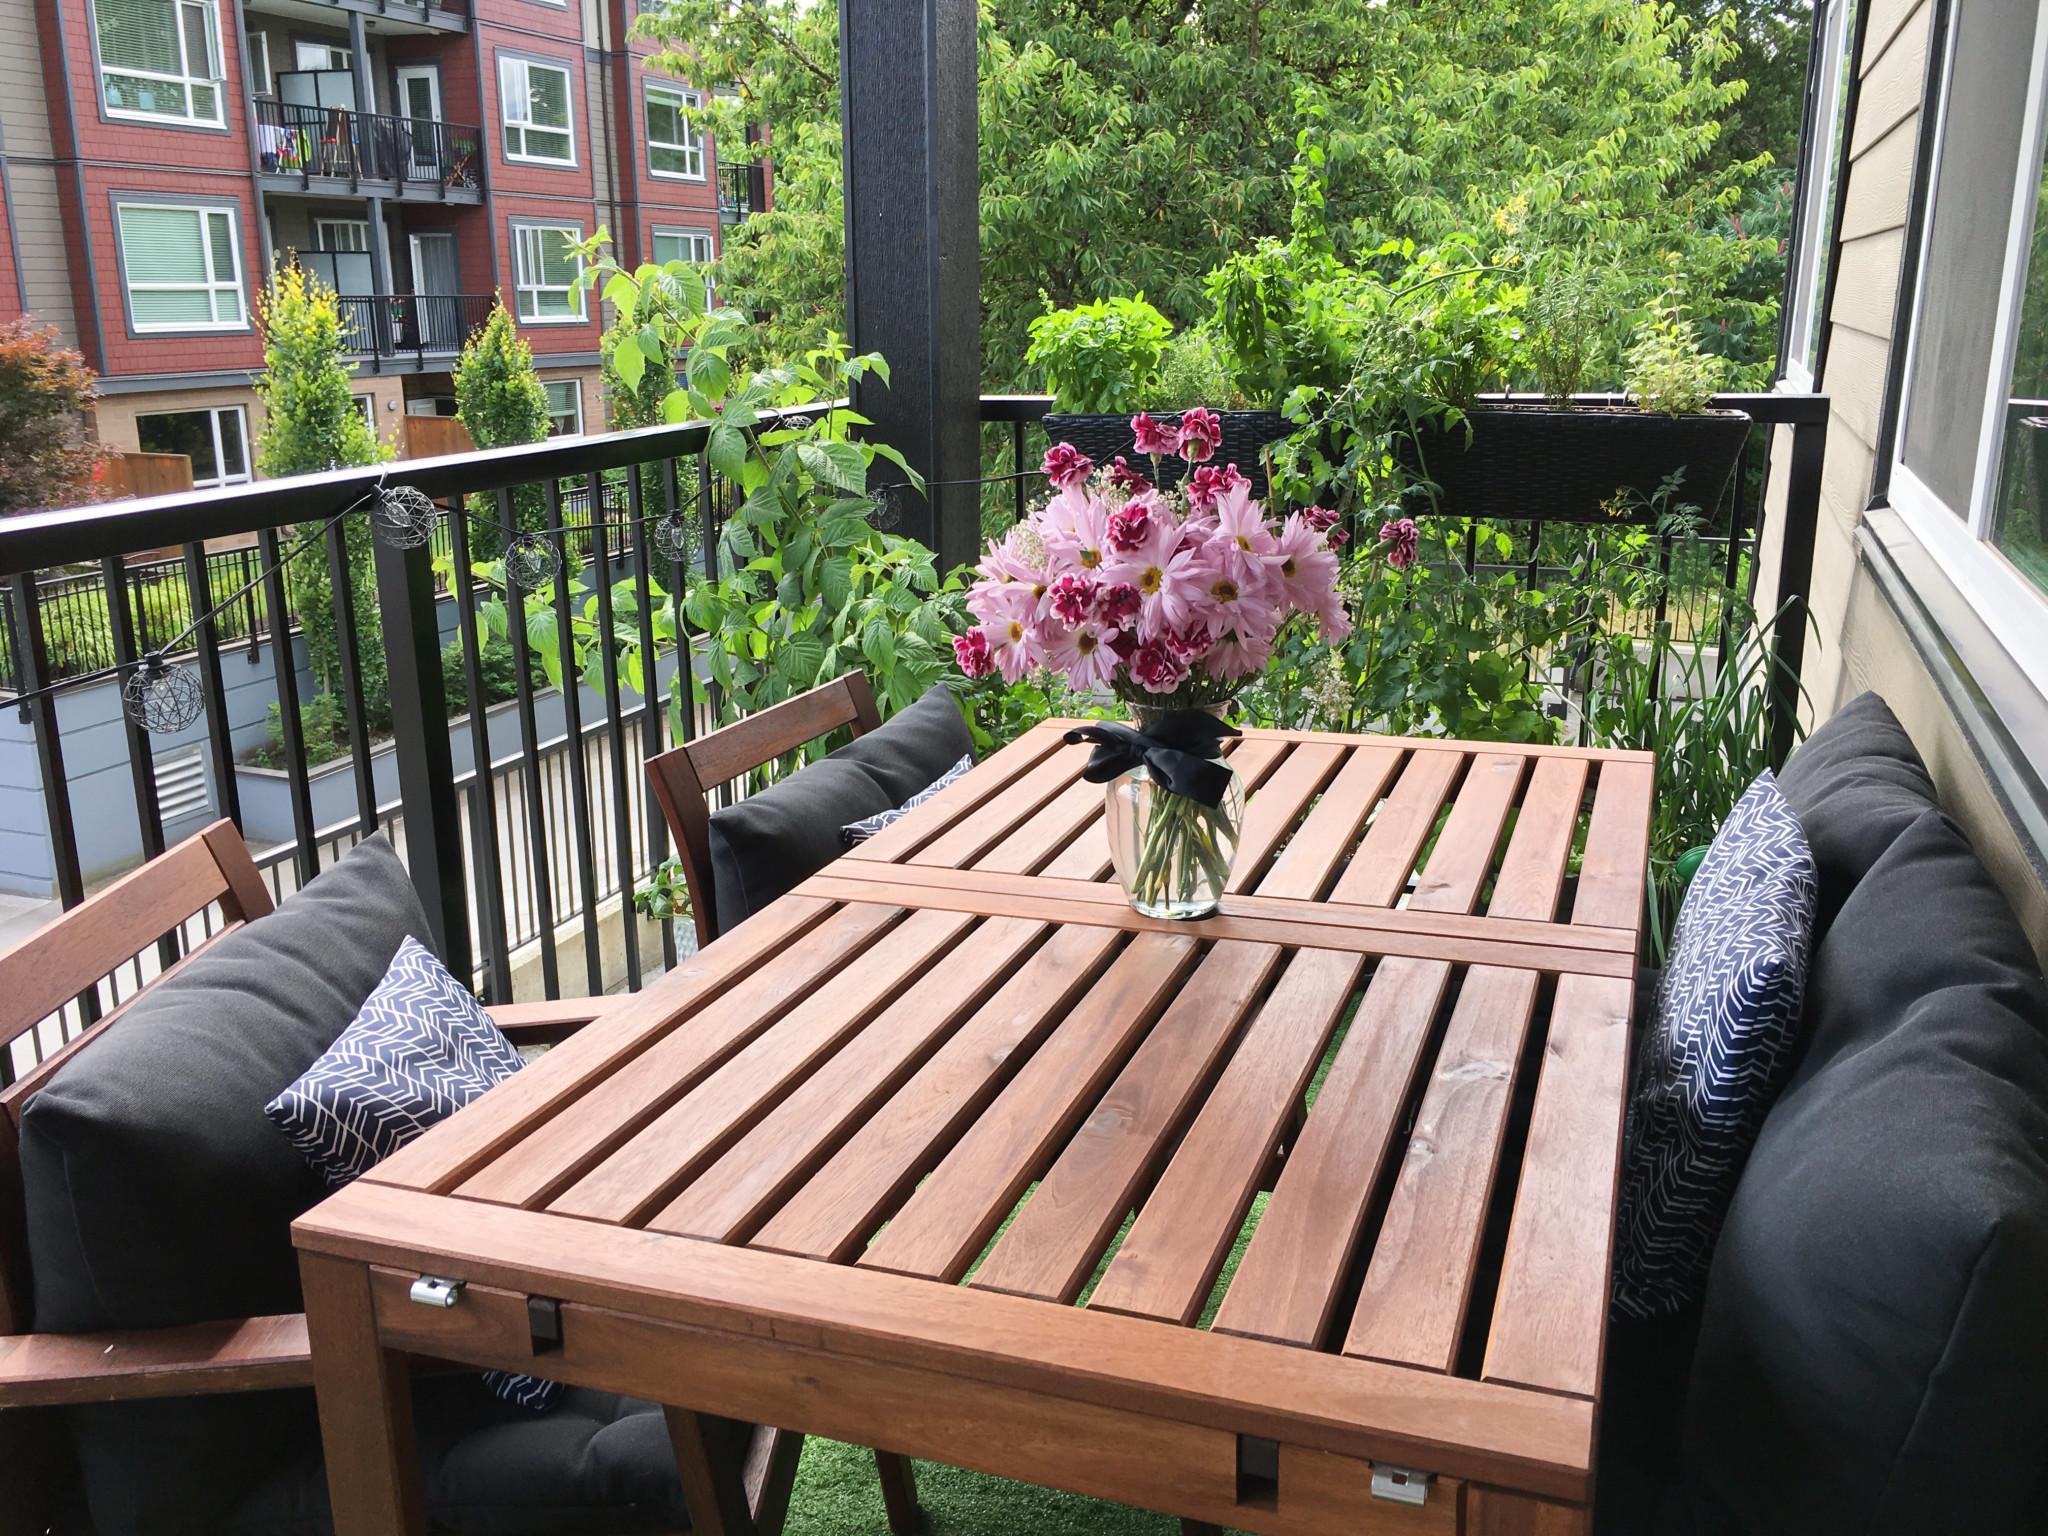 amnager un balcon free amenager son balcon pas cher avec meilleures images d inspiration pour. Black Bedroom Furniture Sets. Home Design Ideas